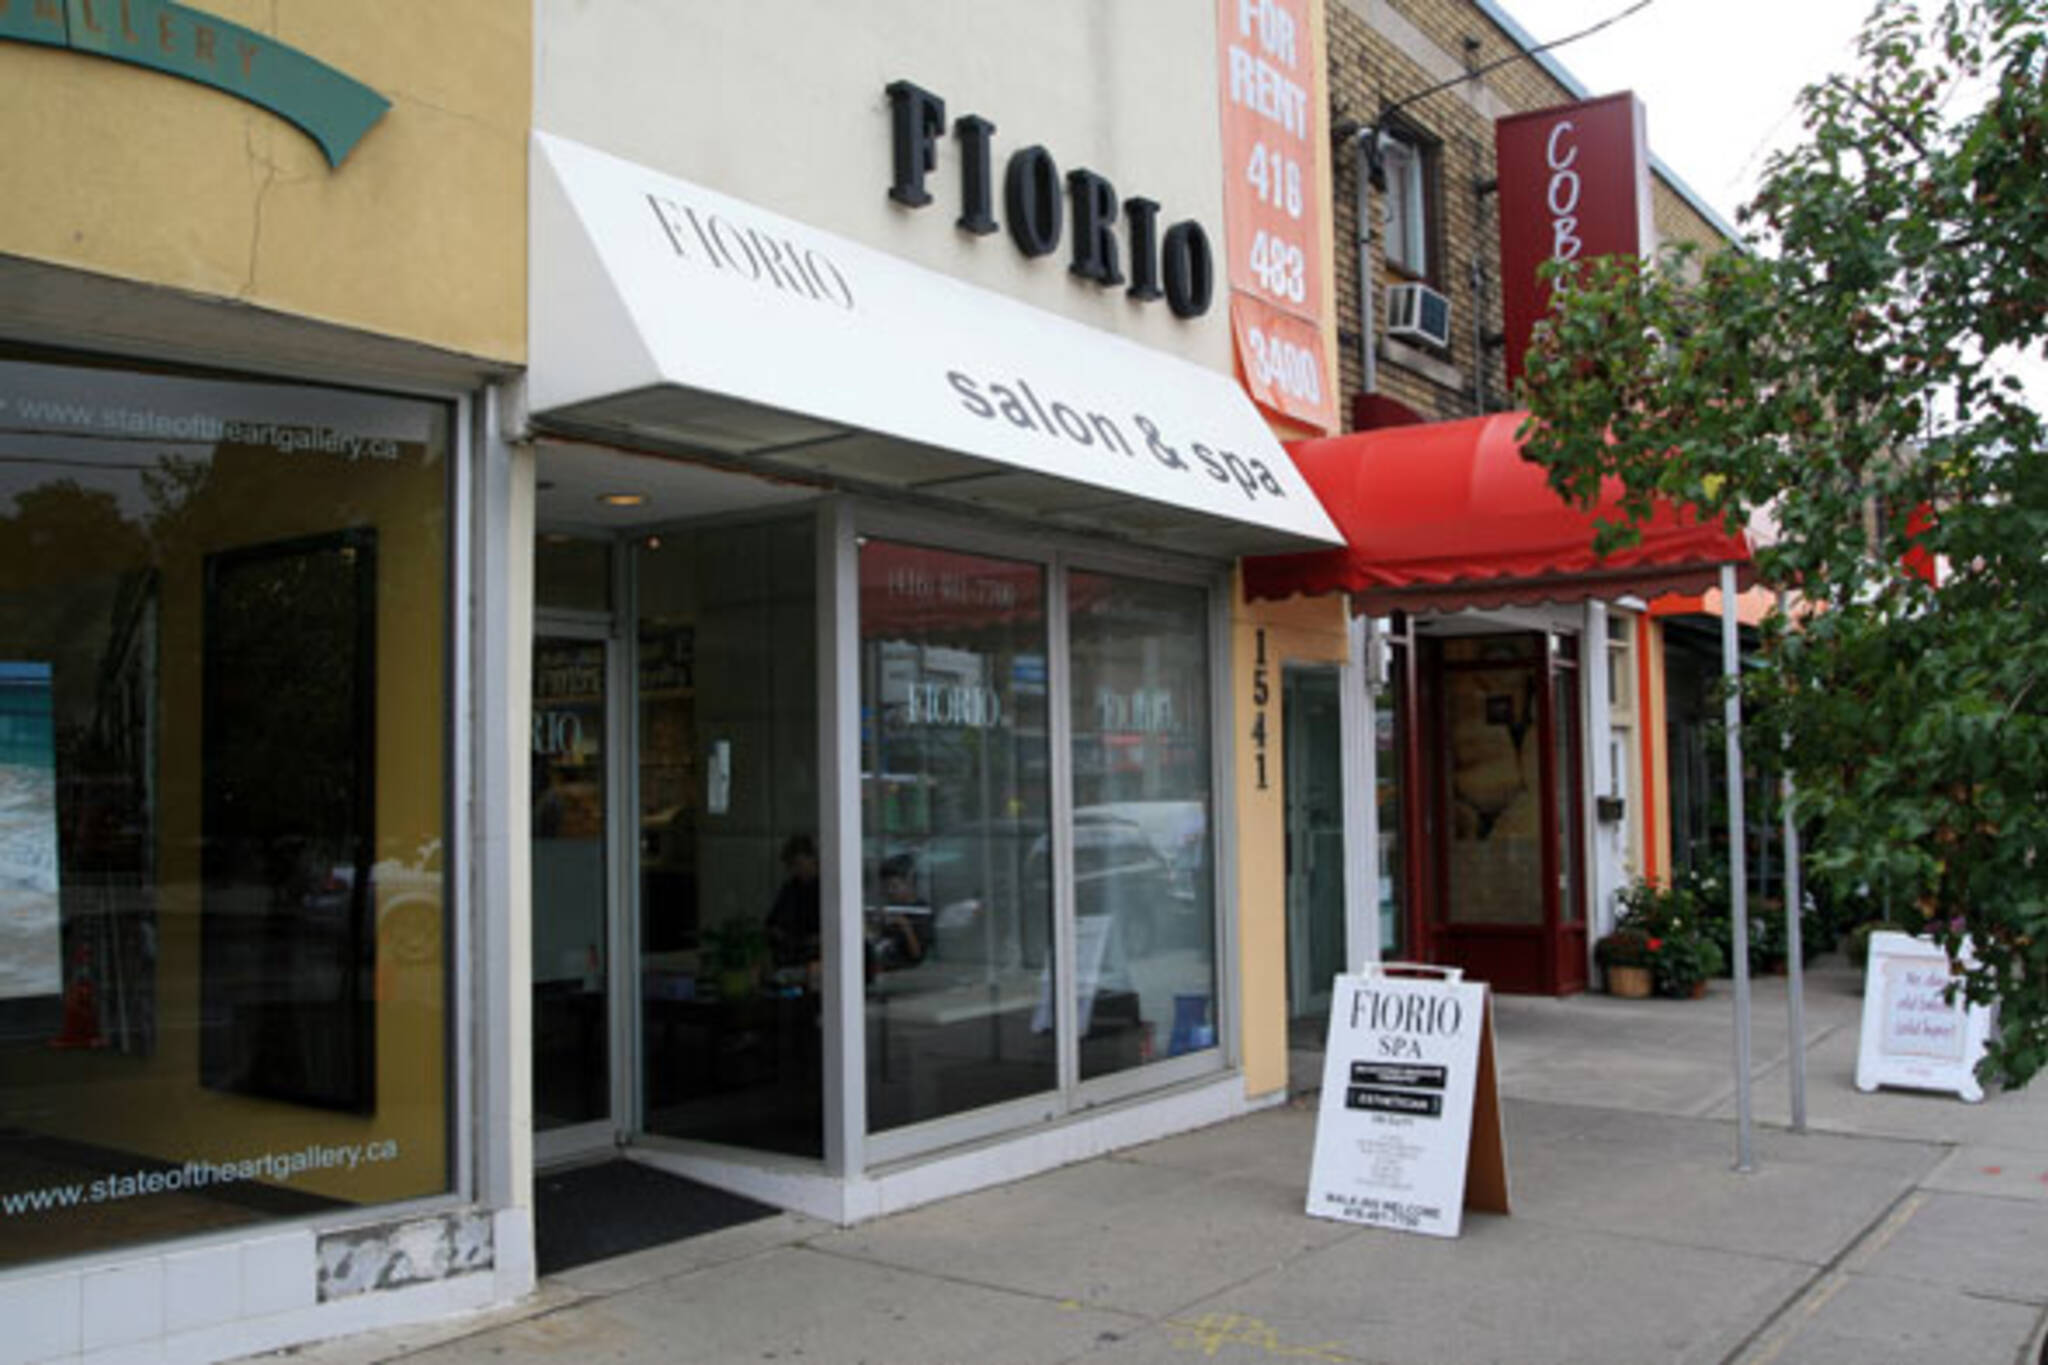 Fiorio Salon Toronto